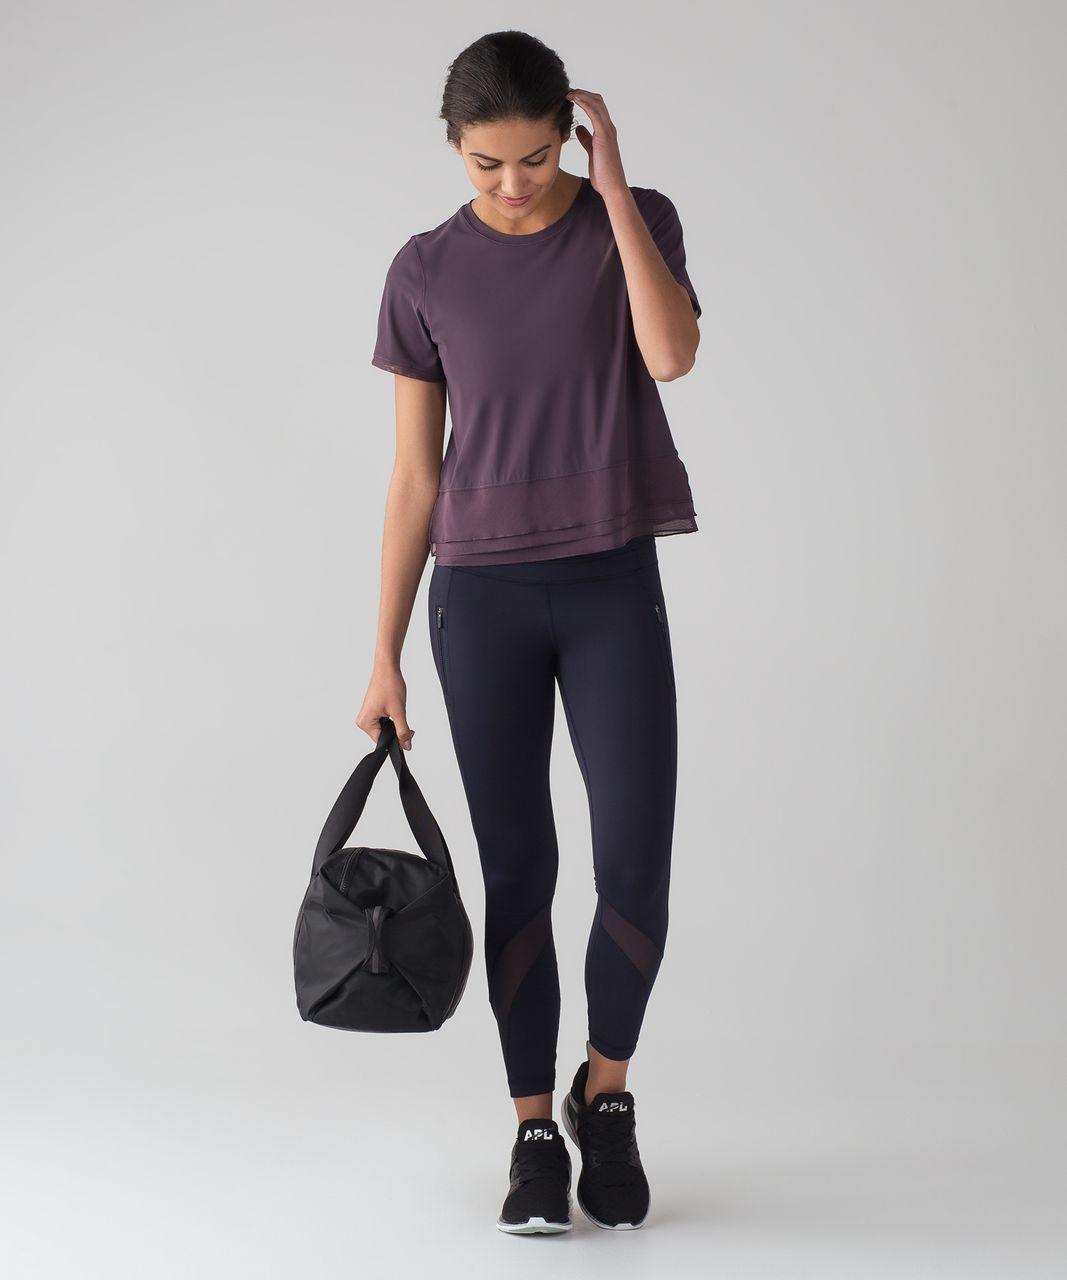 Lululemon Sole Training Short Sleeve (UV Protection) - Black Currant